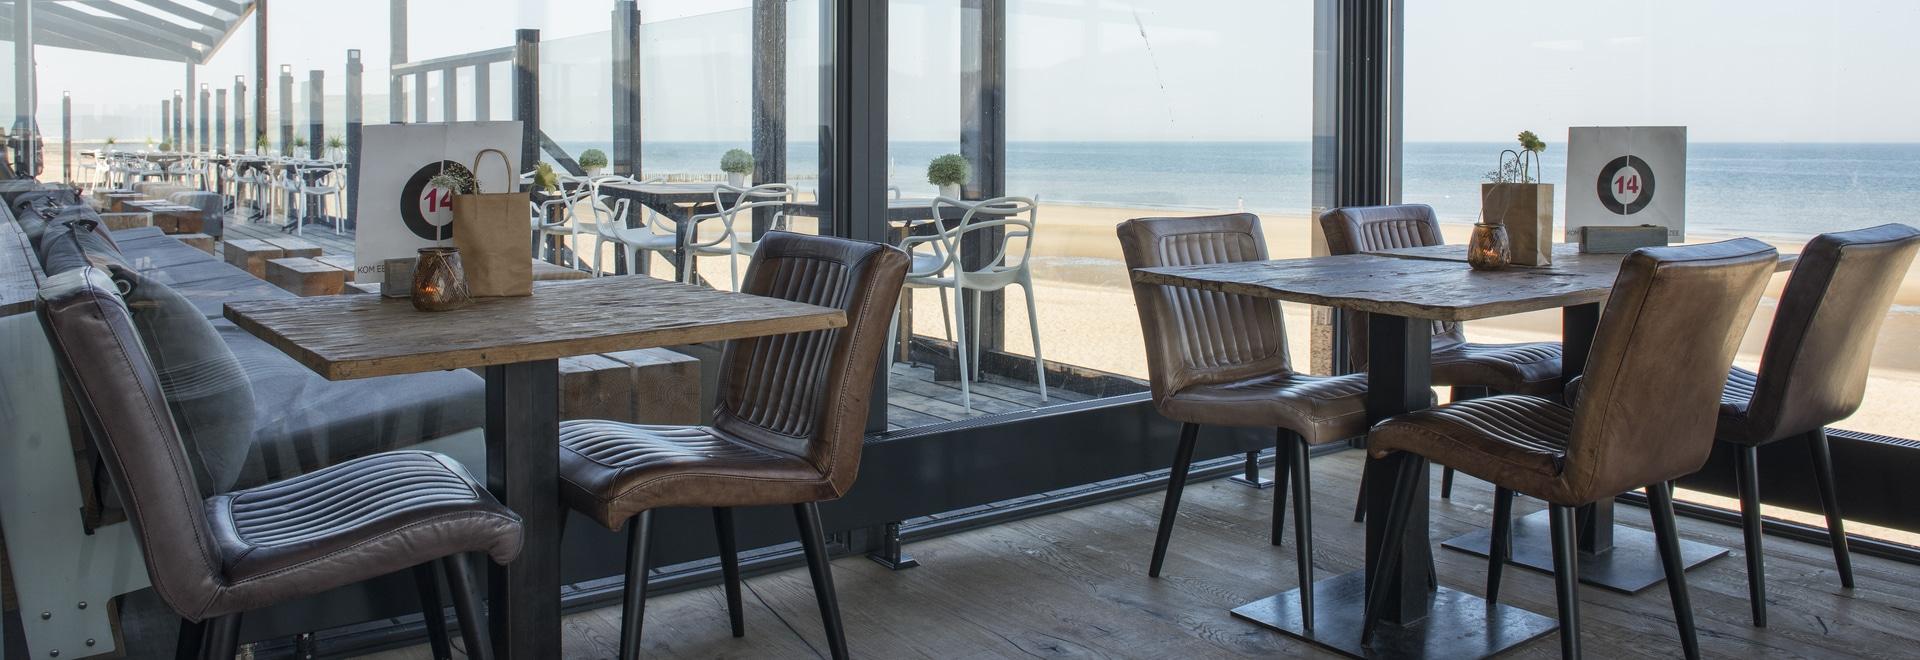 Dennebos R.02 floor for beach restaurant